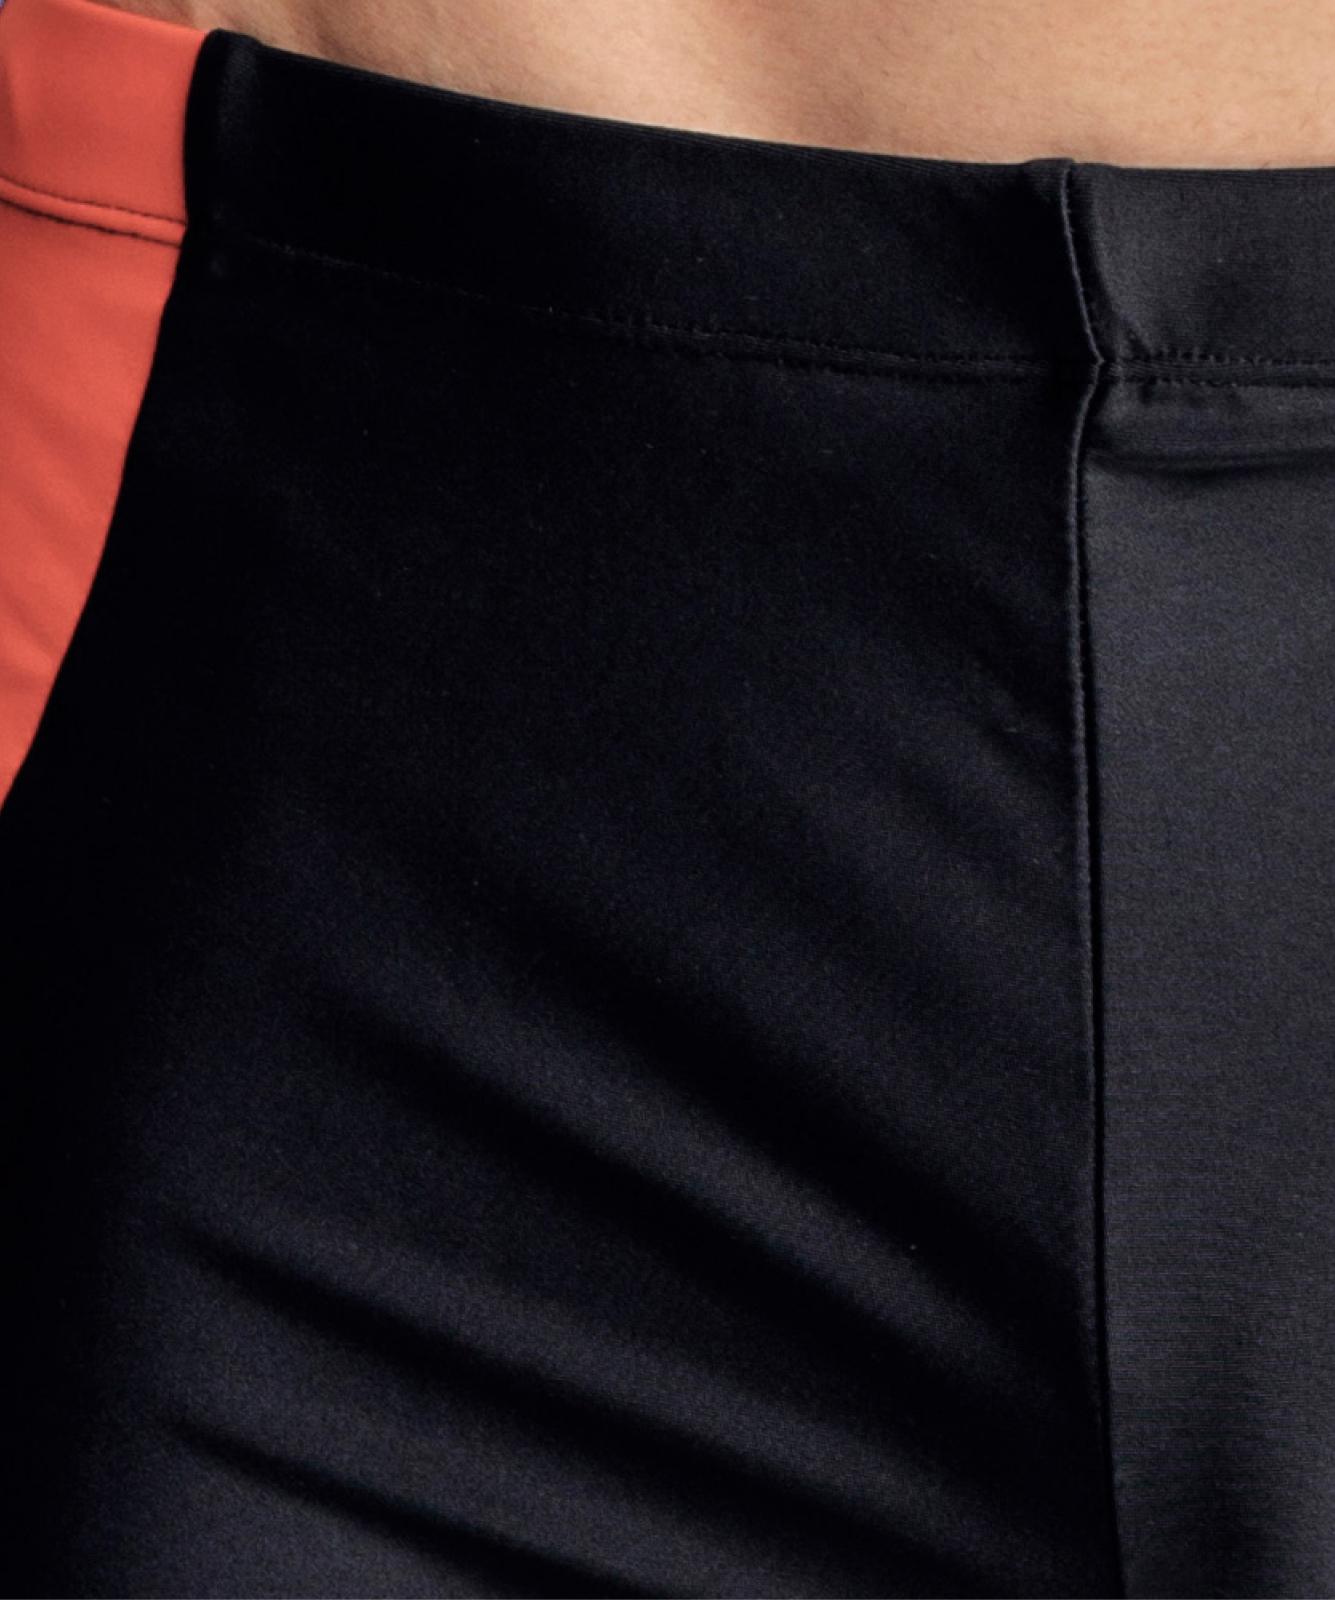 Купальные шорты мужские Atlantic, 1 шт. в уп., полиамид, черные, KMS-312